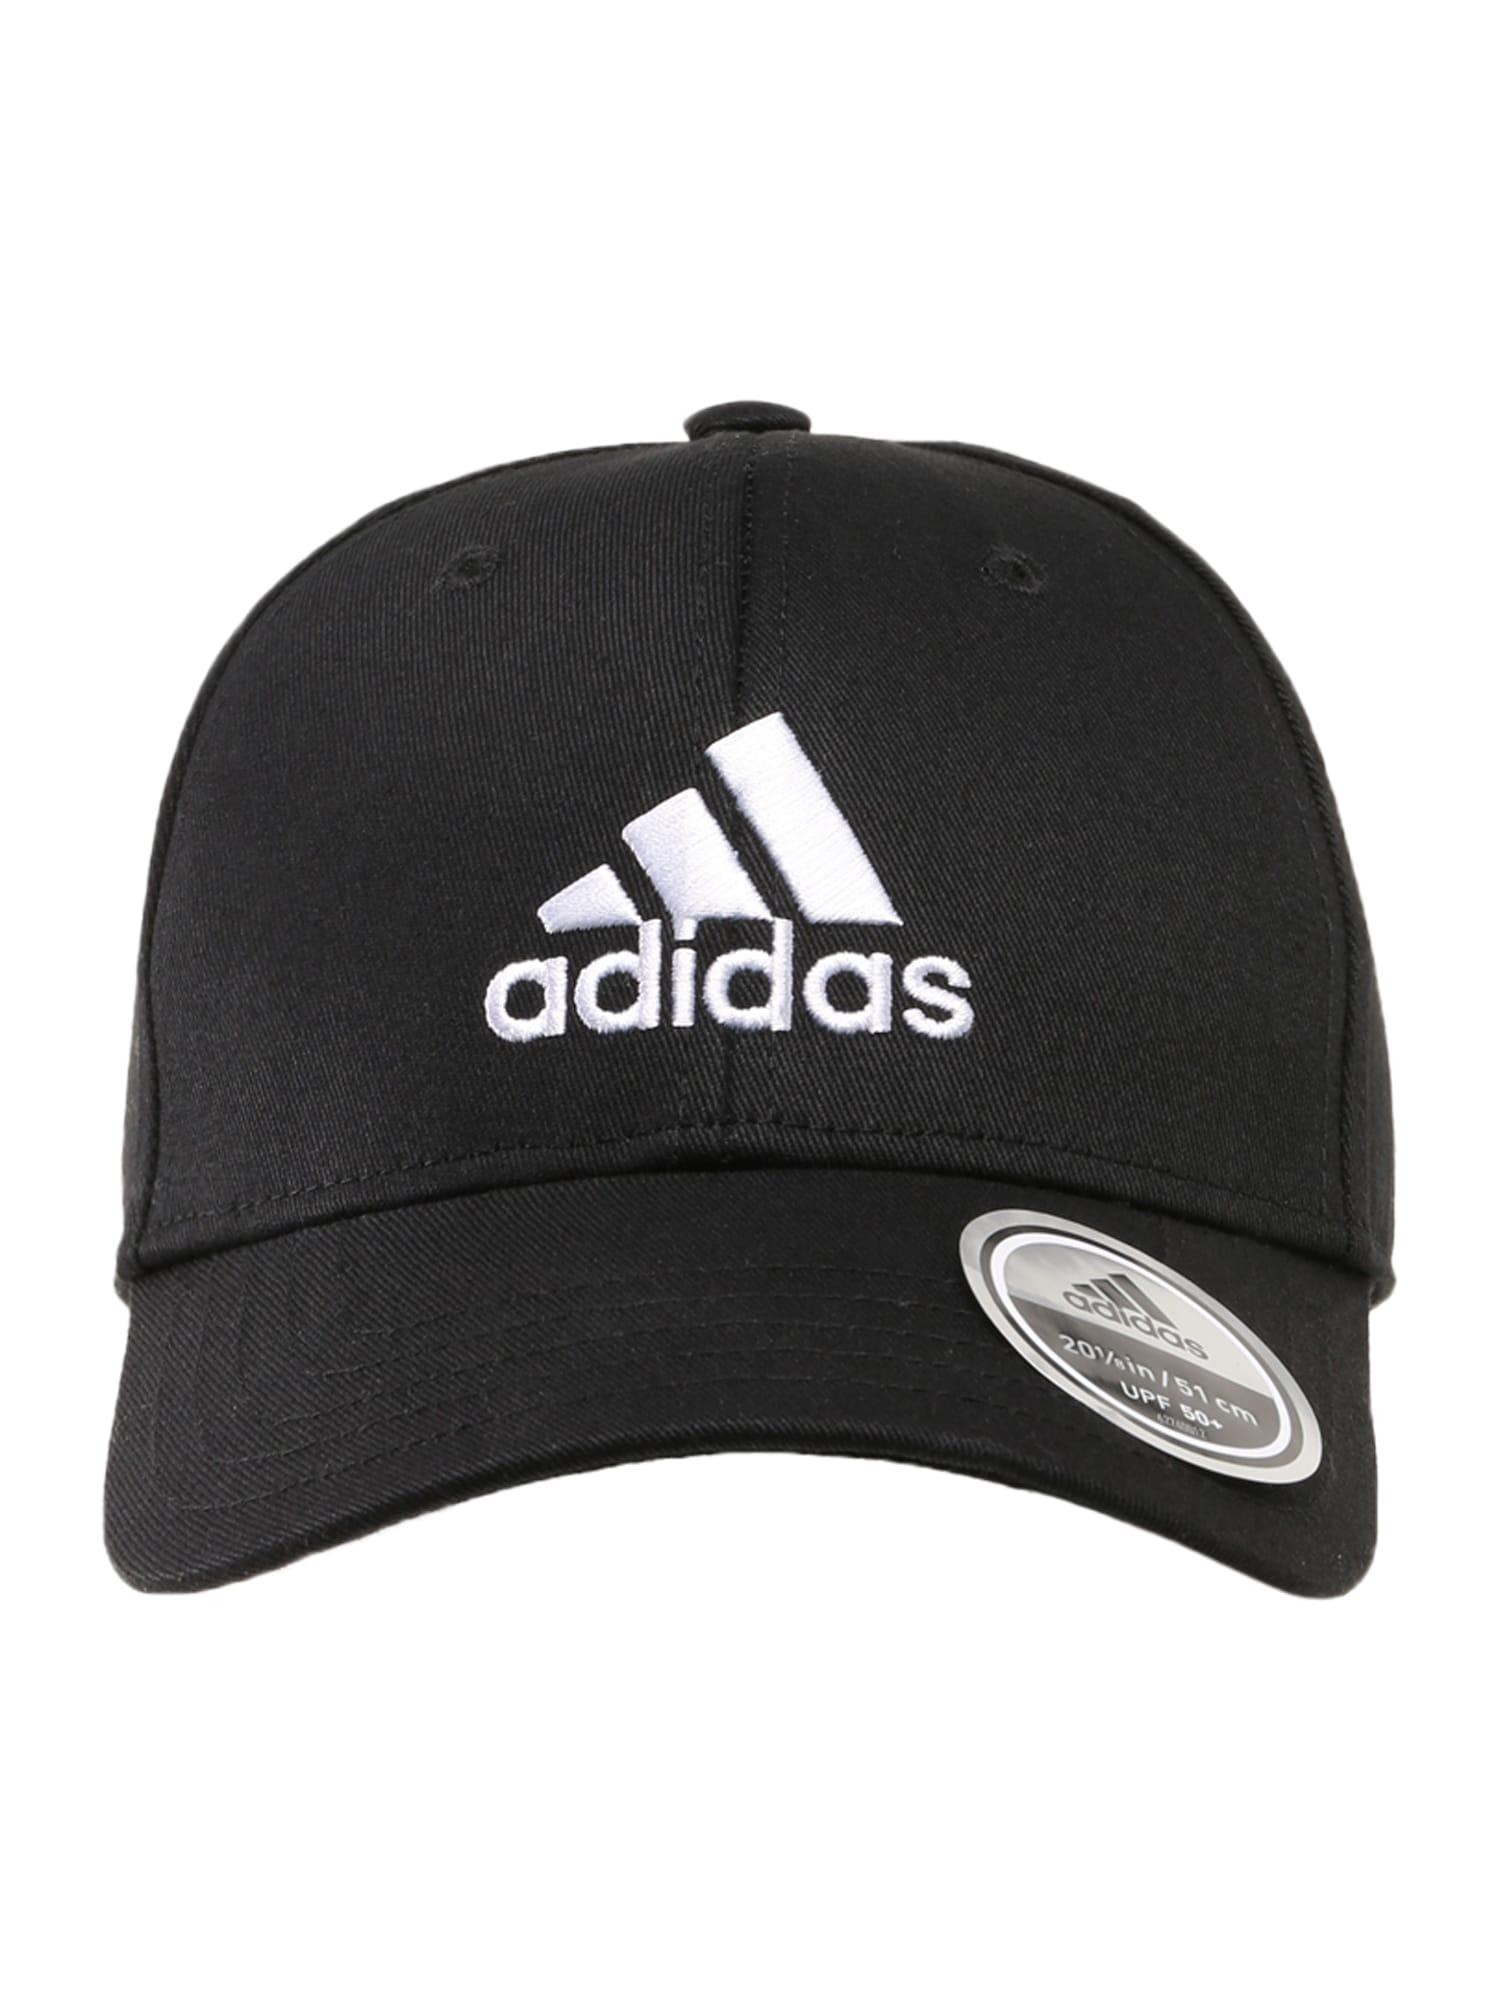 ADIDAS PERFORMANCE Sportinė kepurė balta / juoda